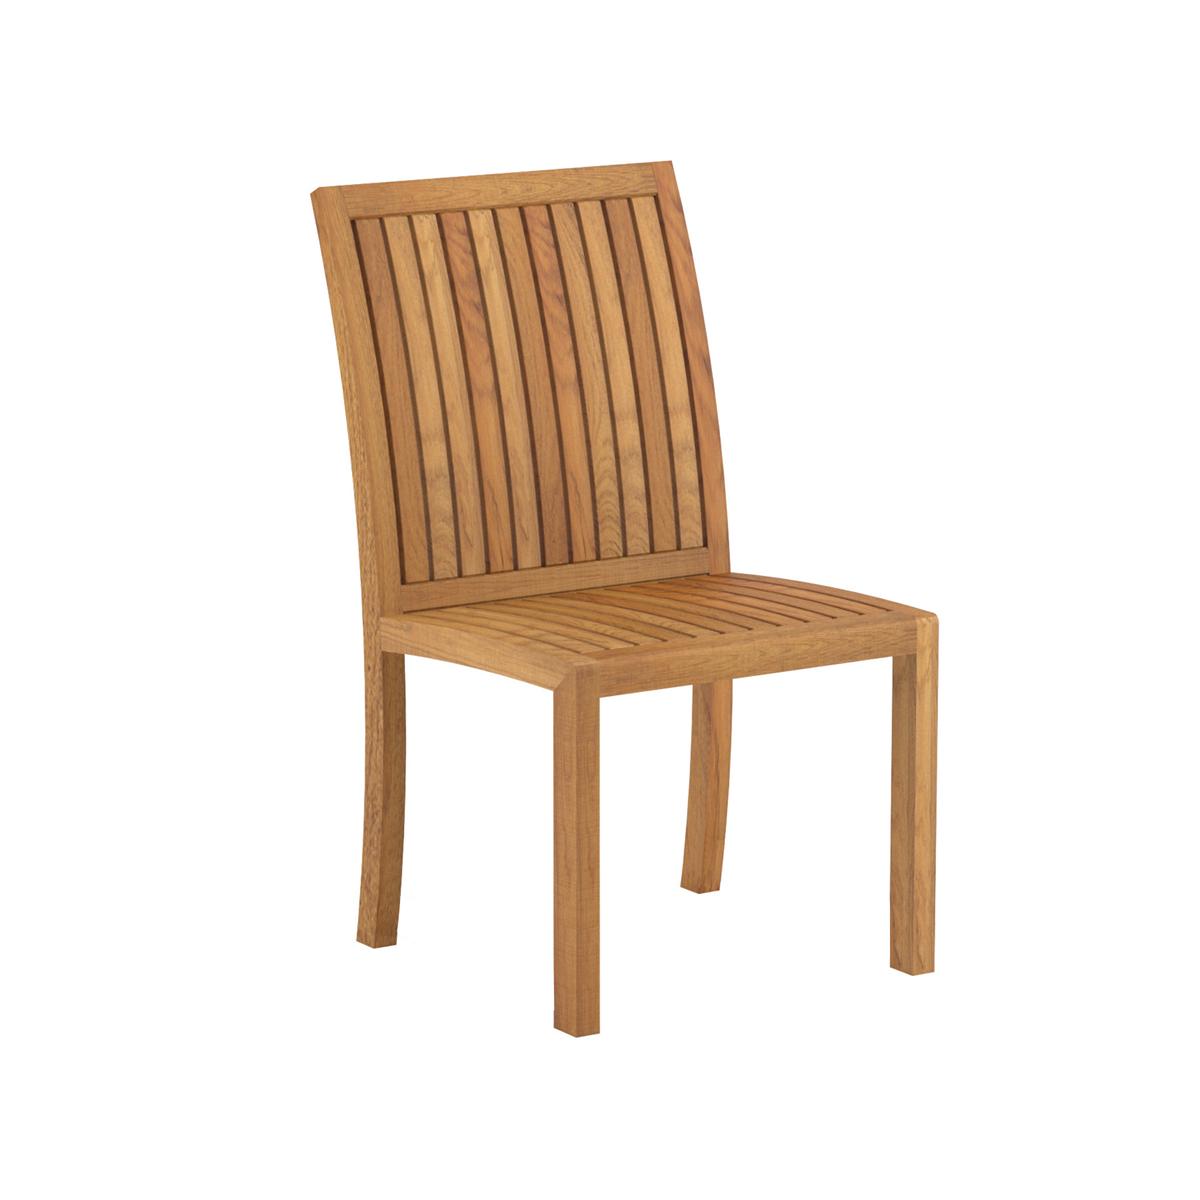 Puriz Dining chair - на 360.ru: цены, описание, характеристики, где купить в Москве.